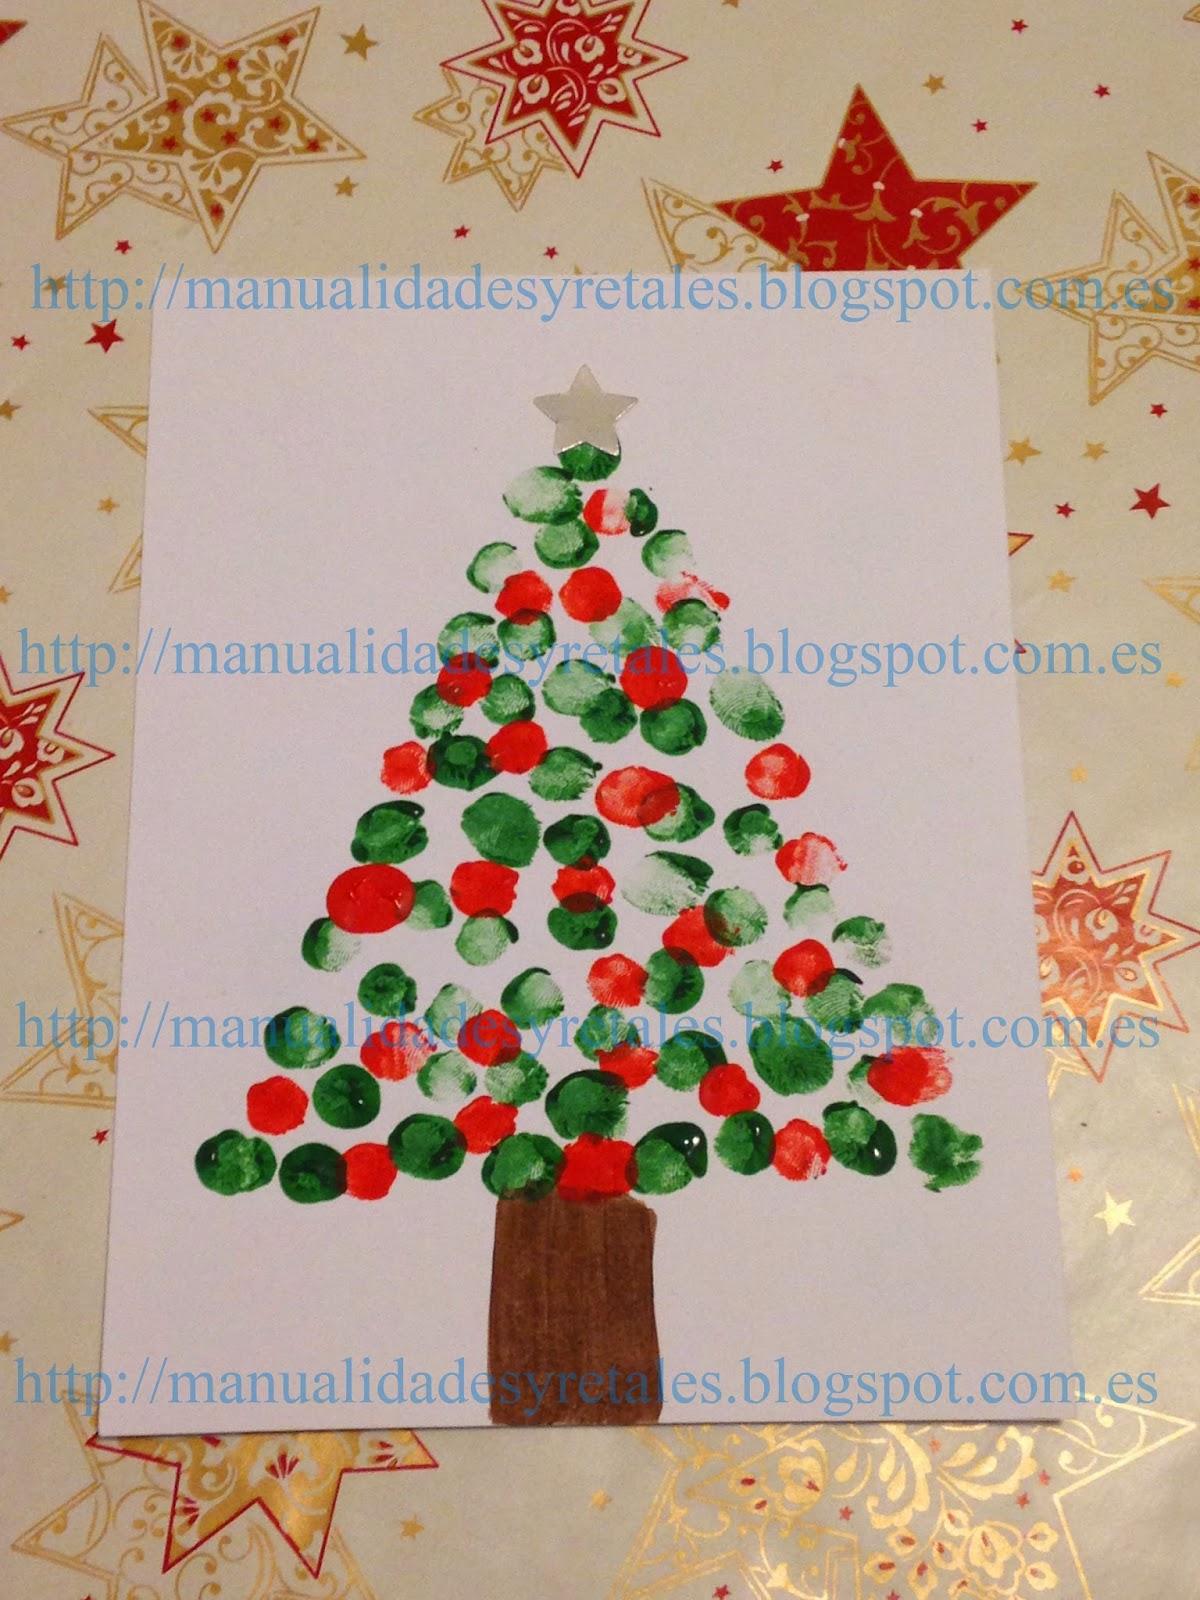 Manualidades y retales postal navide a pintura ni os - Tarjetas de navidad hechas por ninos ...